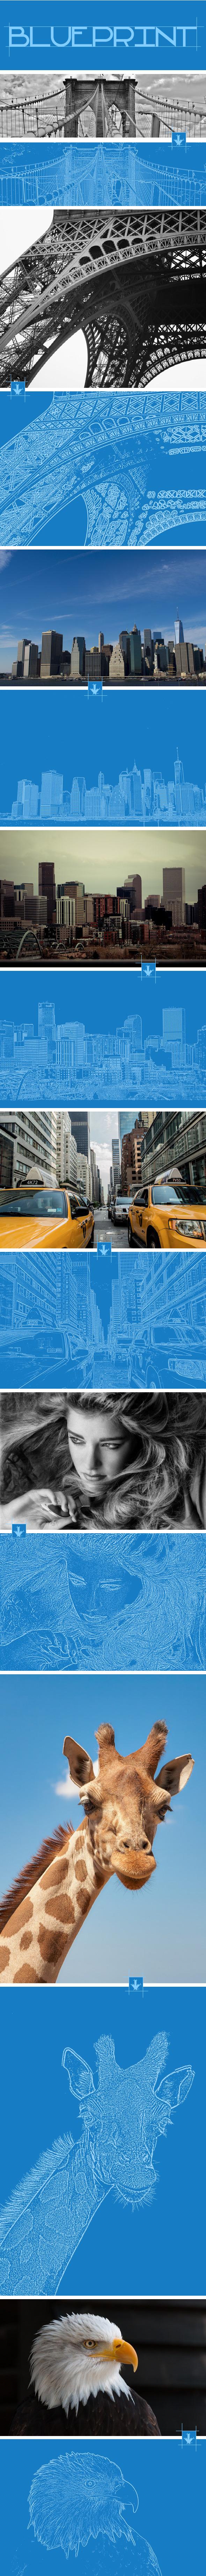 GraphicRiver Blueprint Photoshop Action 11954375